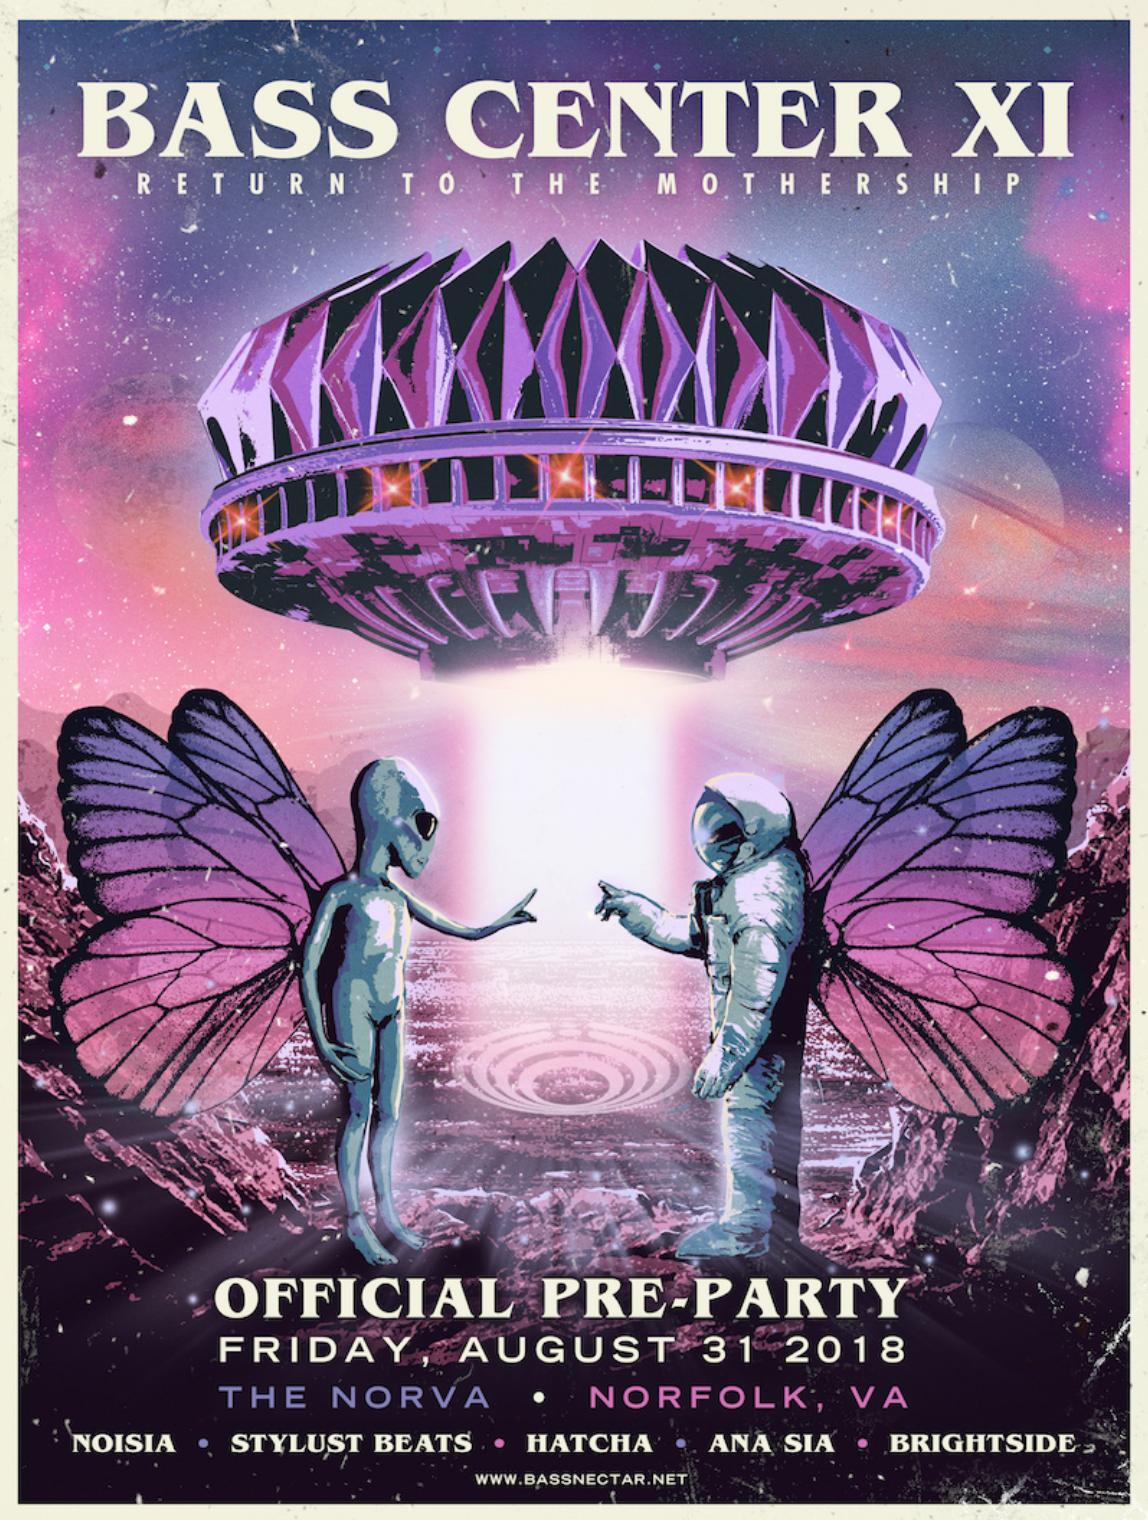 BCXI Pre-Party